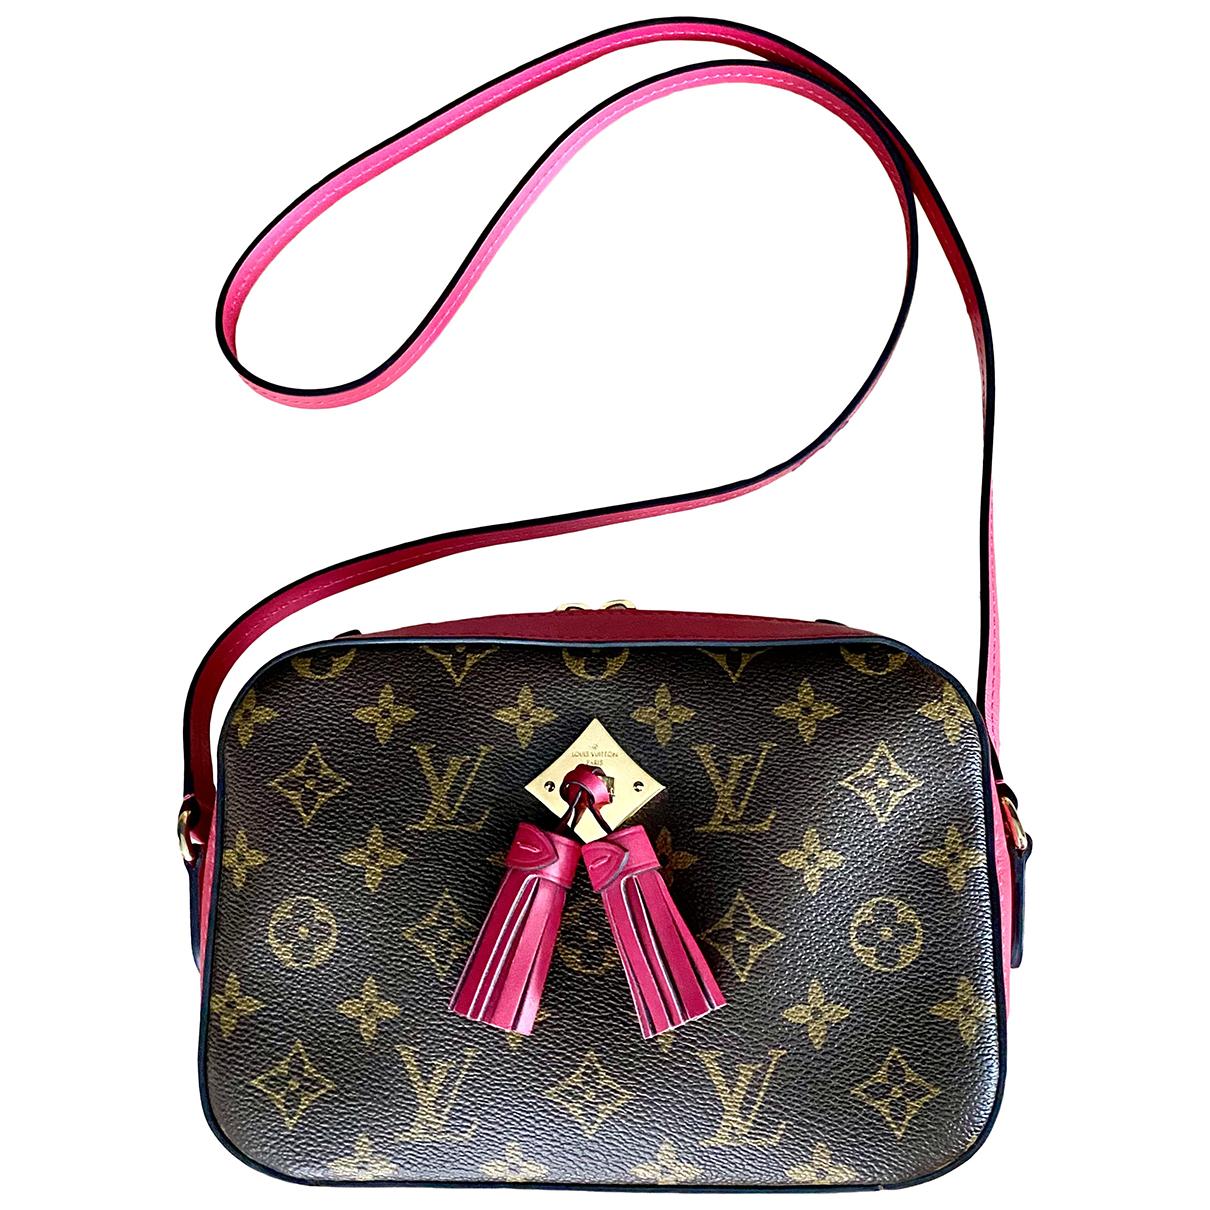 Louis Vuitton - Sac a main Saintonge pour femme en toile - rose